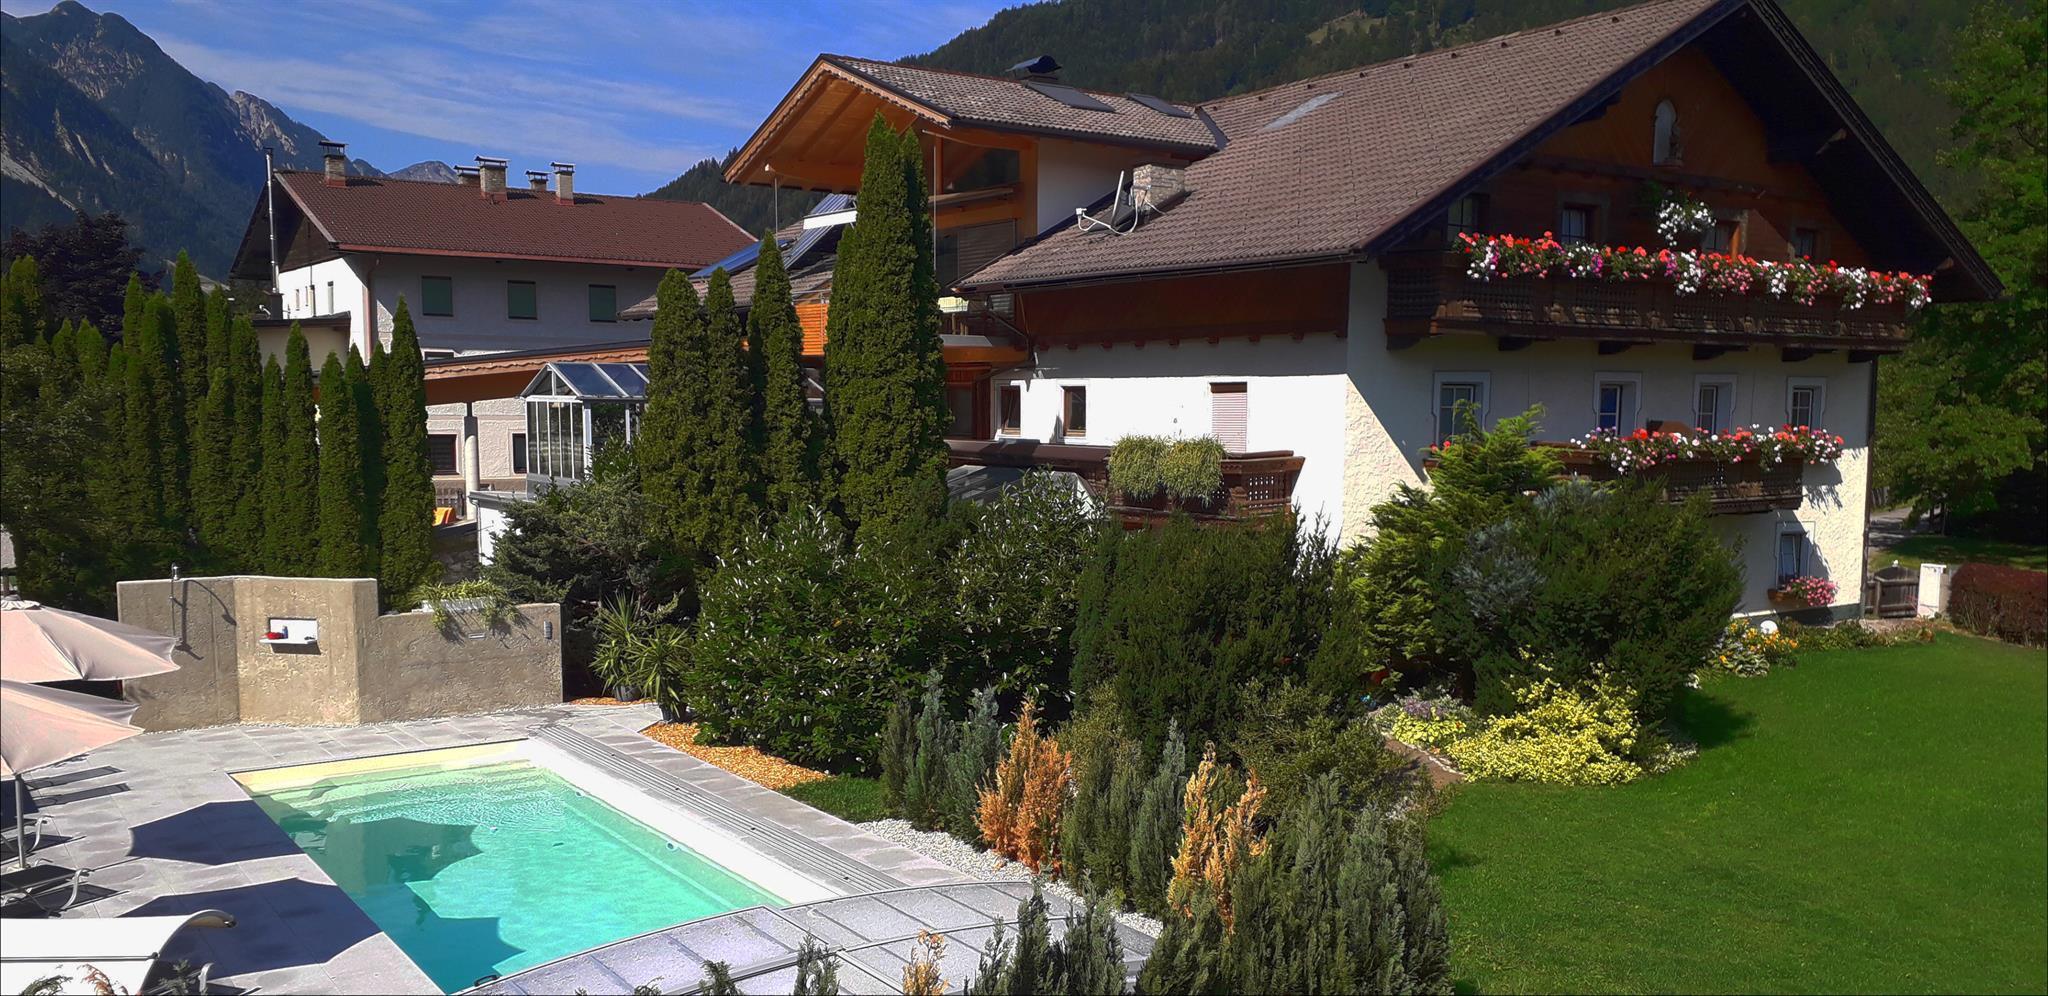 Haus-mit-Pool.jpg